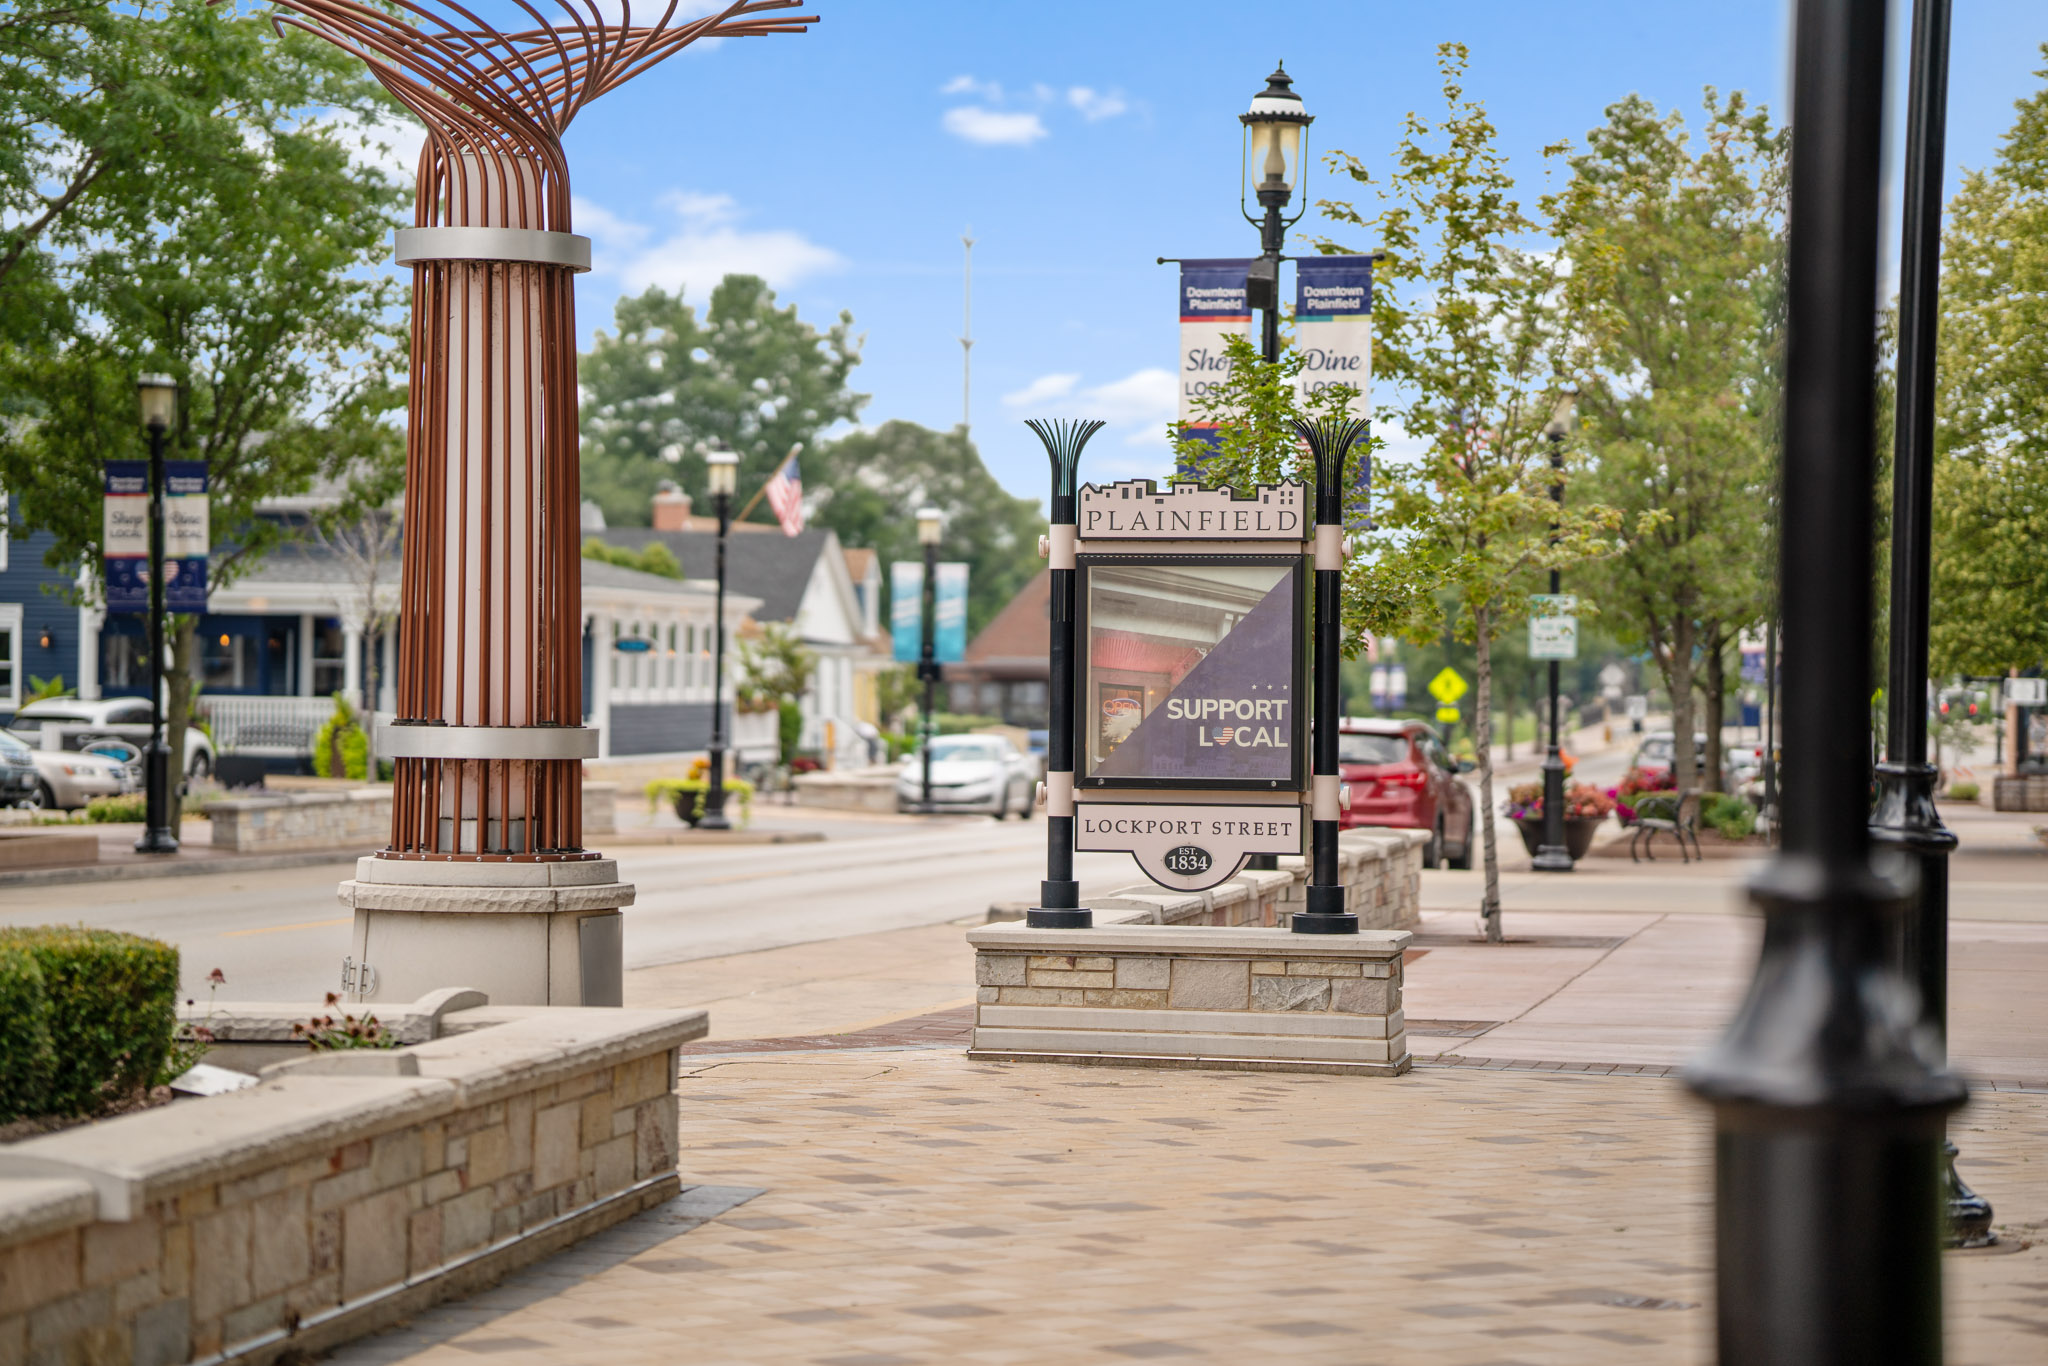 Downtown Plainfield, IL